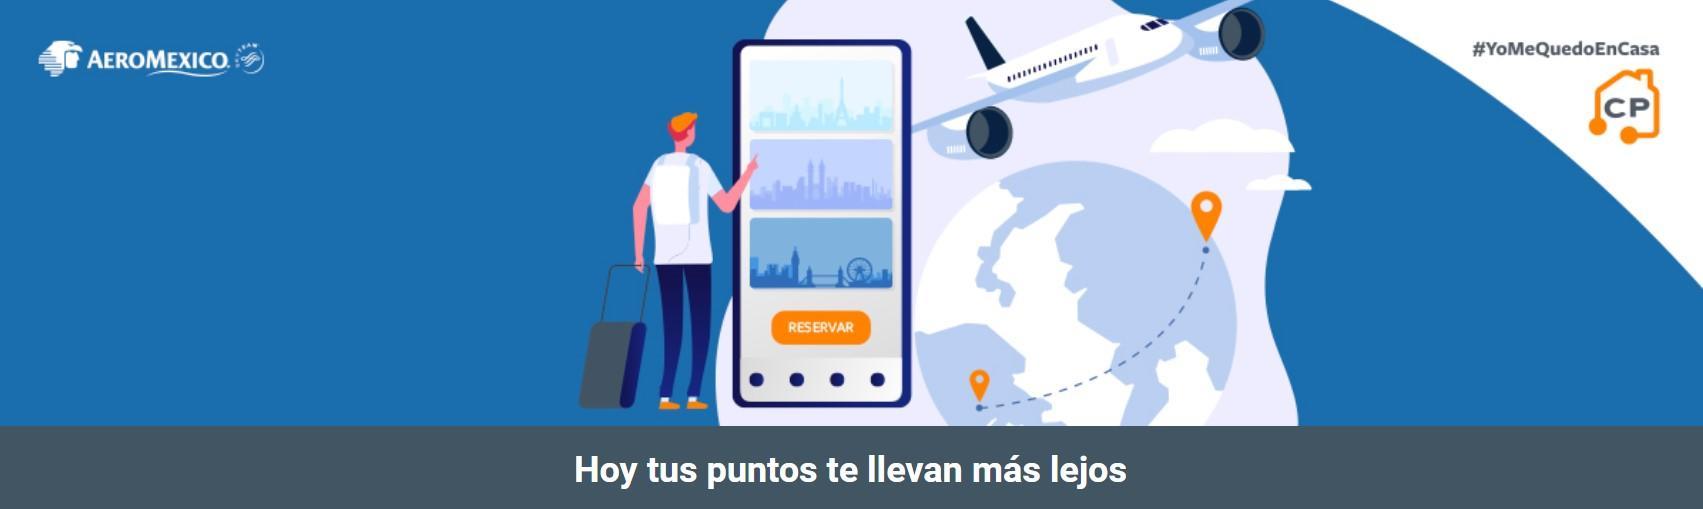 ОТЛИЧНАЯ распродажа премиальных билетов Aeromexico